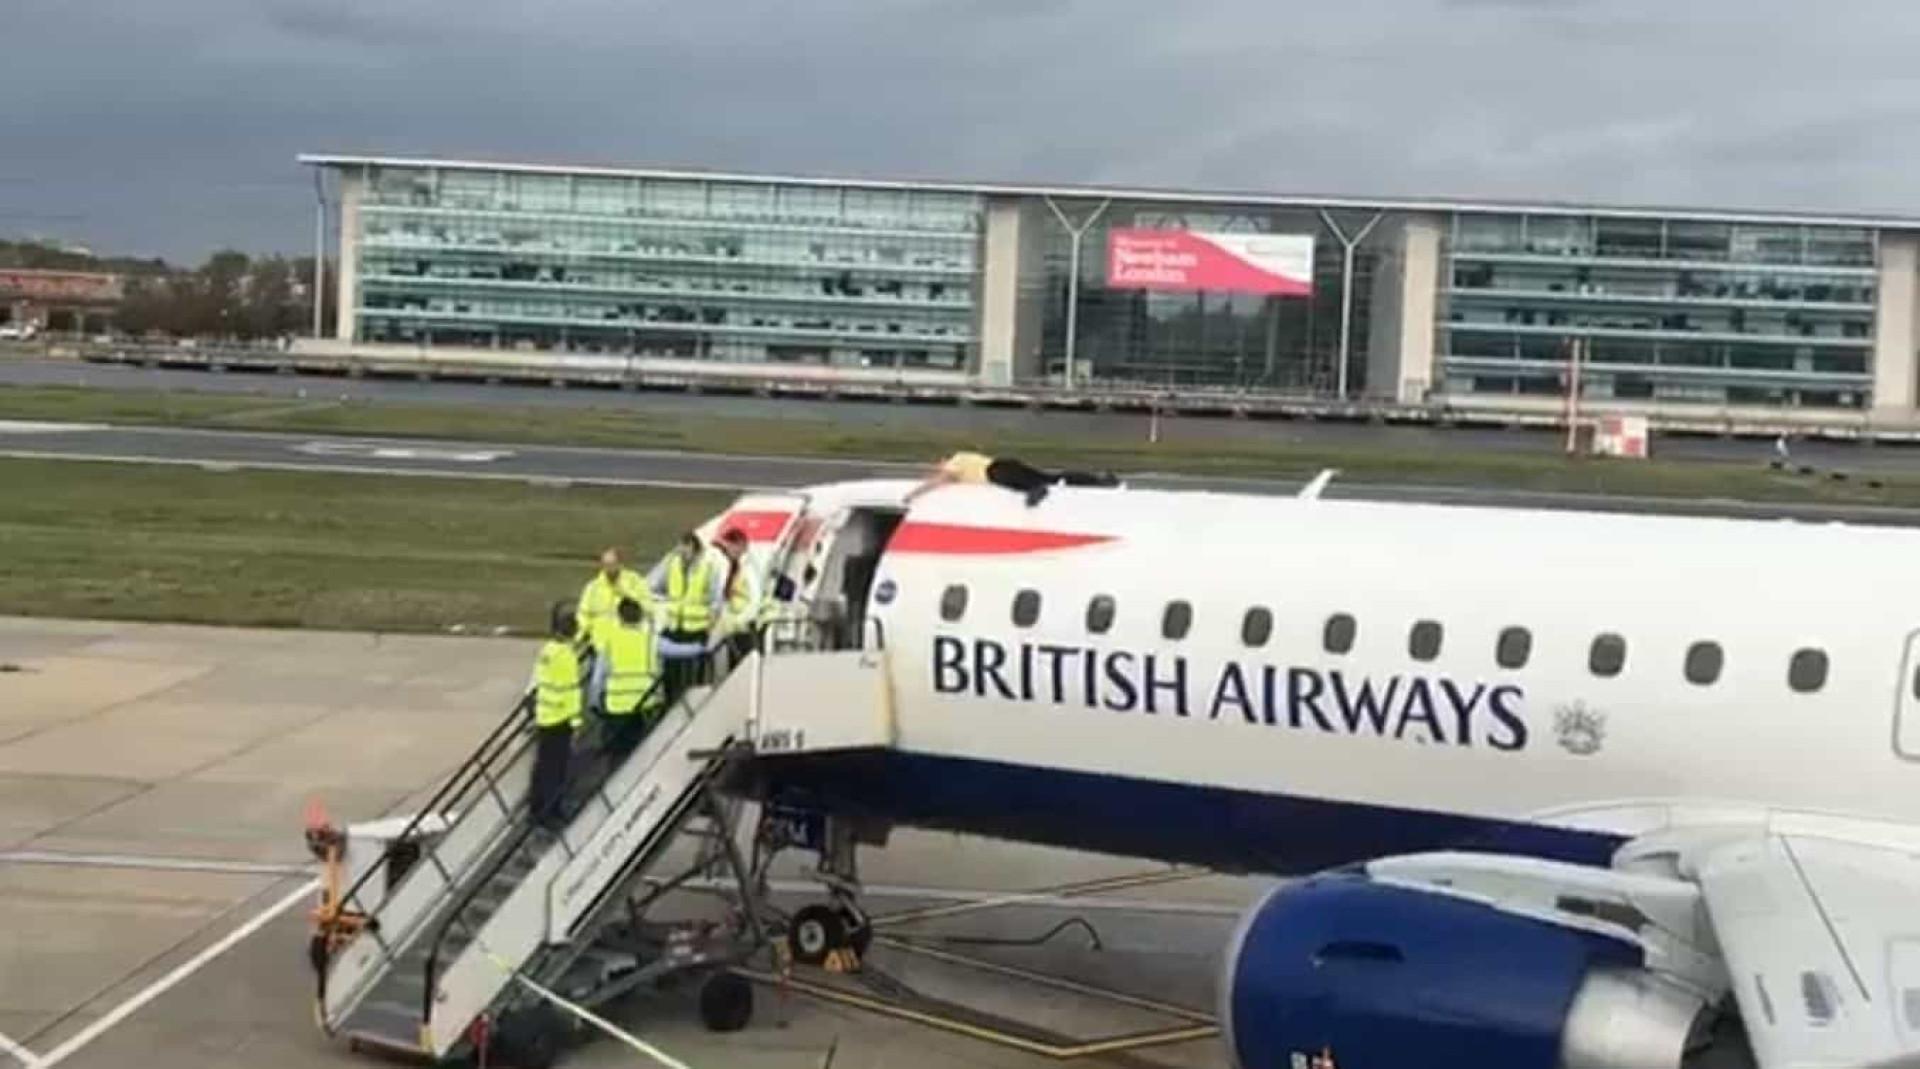 Ativista ambiental sobe a avião em aeroporto de Londres para... protestar